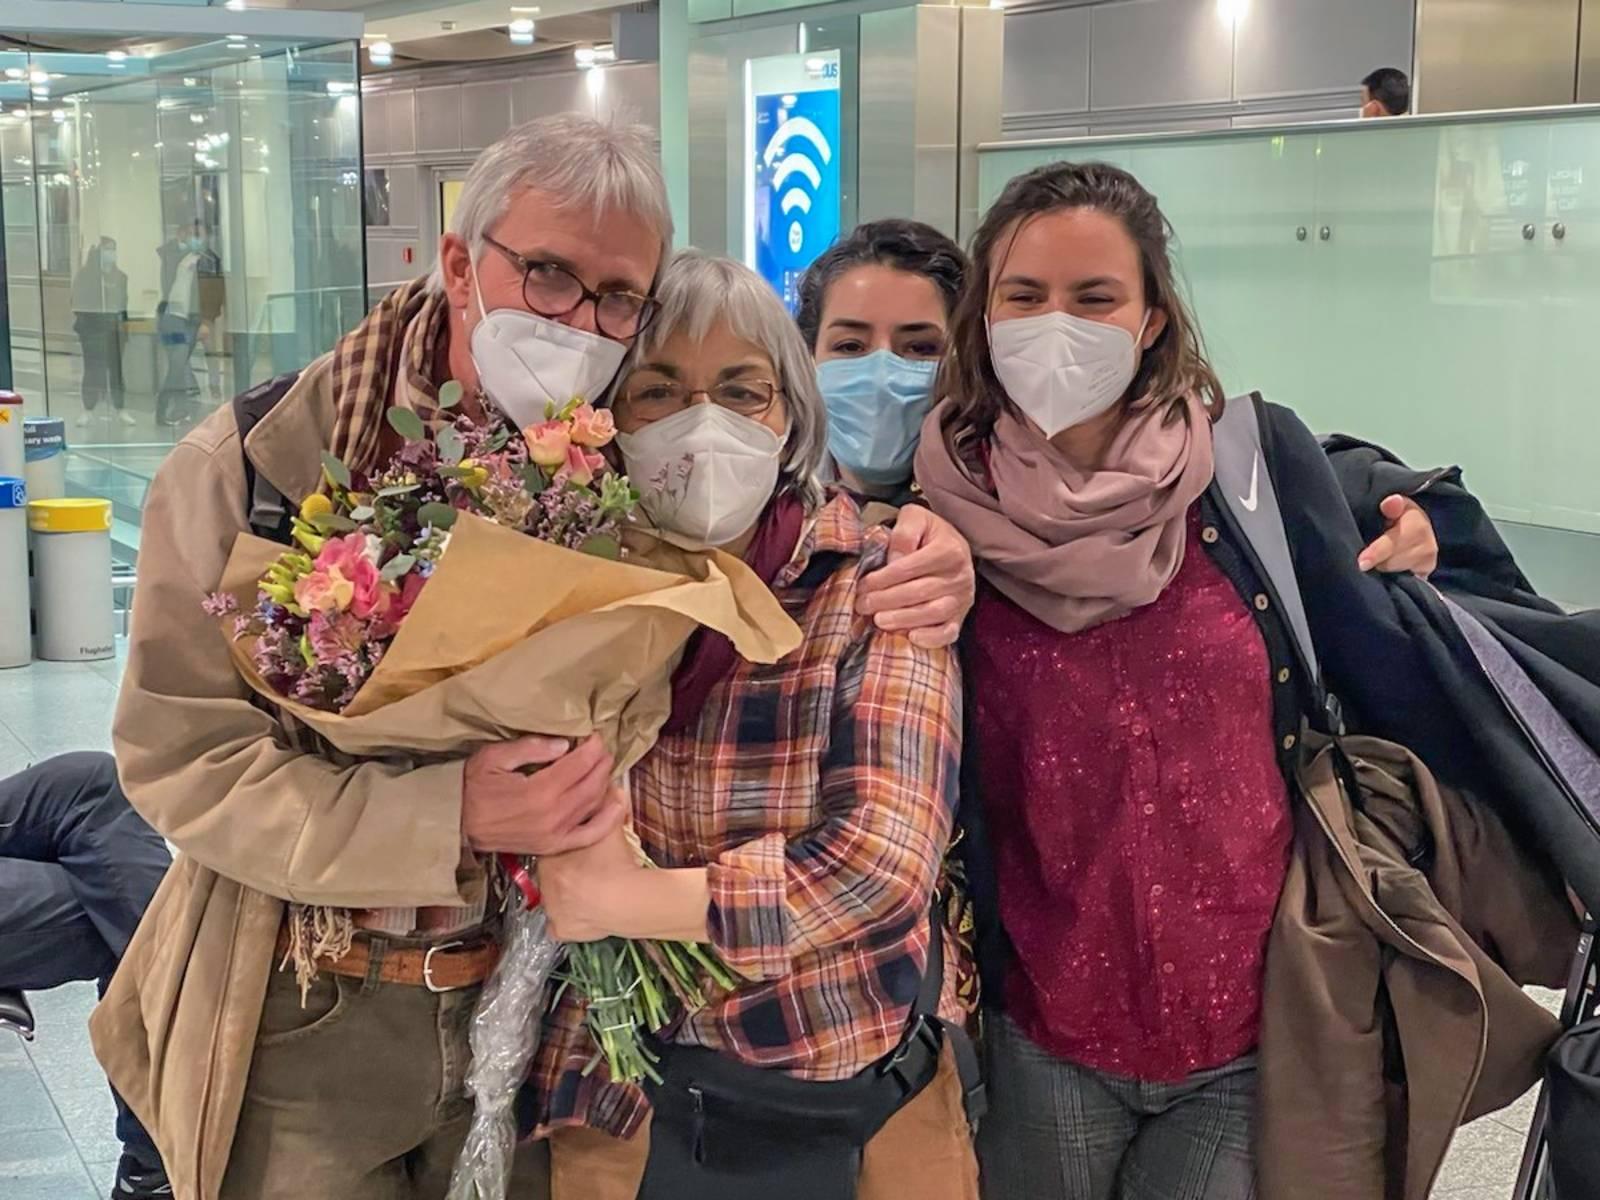 Drei Frauen und ein Mann, die eng beieinander stehen; eine der Frau hält einen Blumenstrauß in der Hand, alle tragen FFP2-Masken